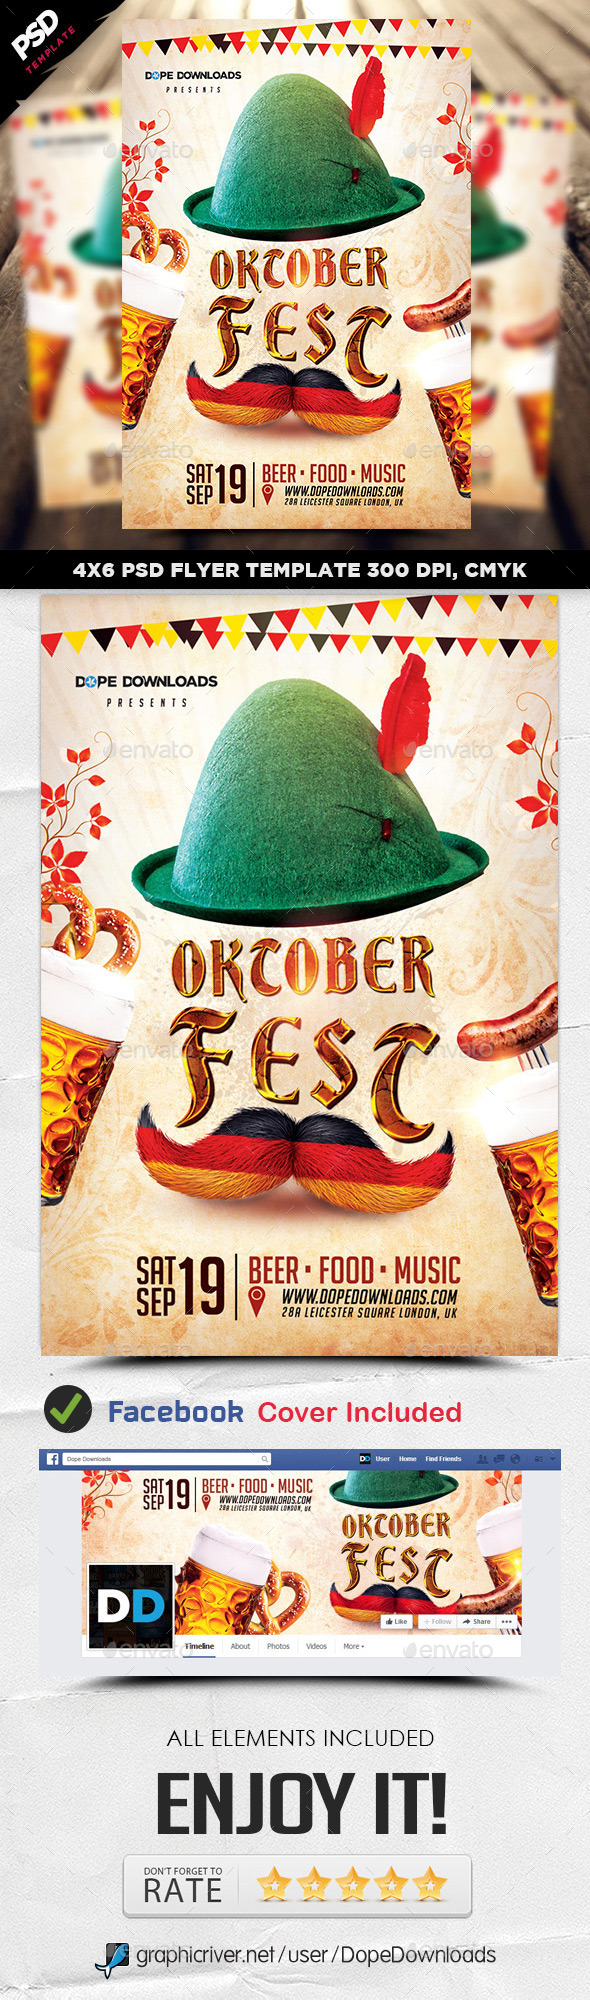 Oktoberfest 2015 Flyer Template - Events Flyers